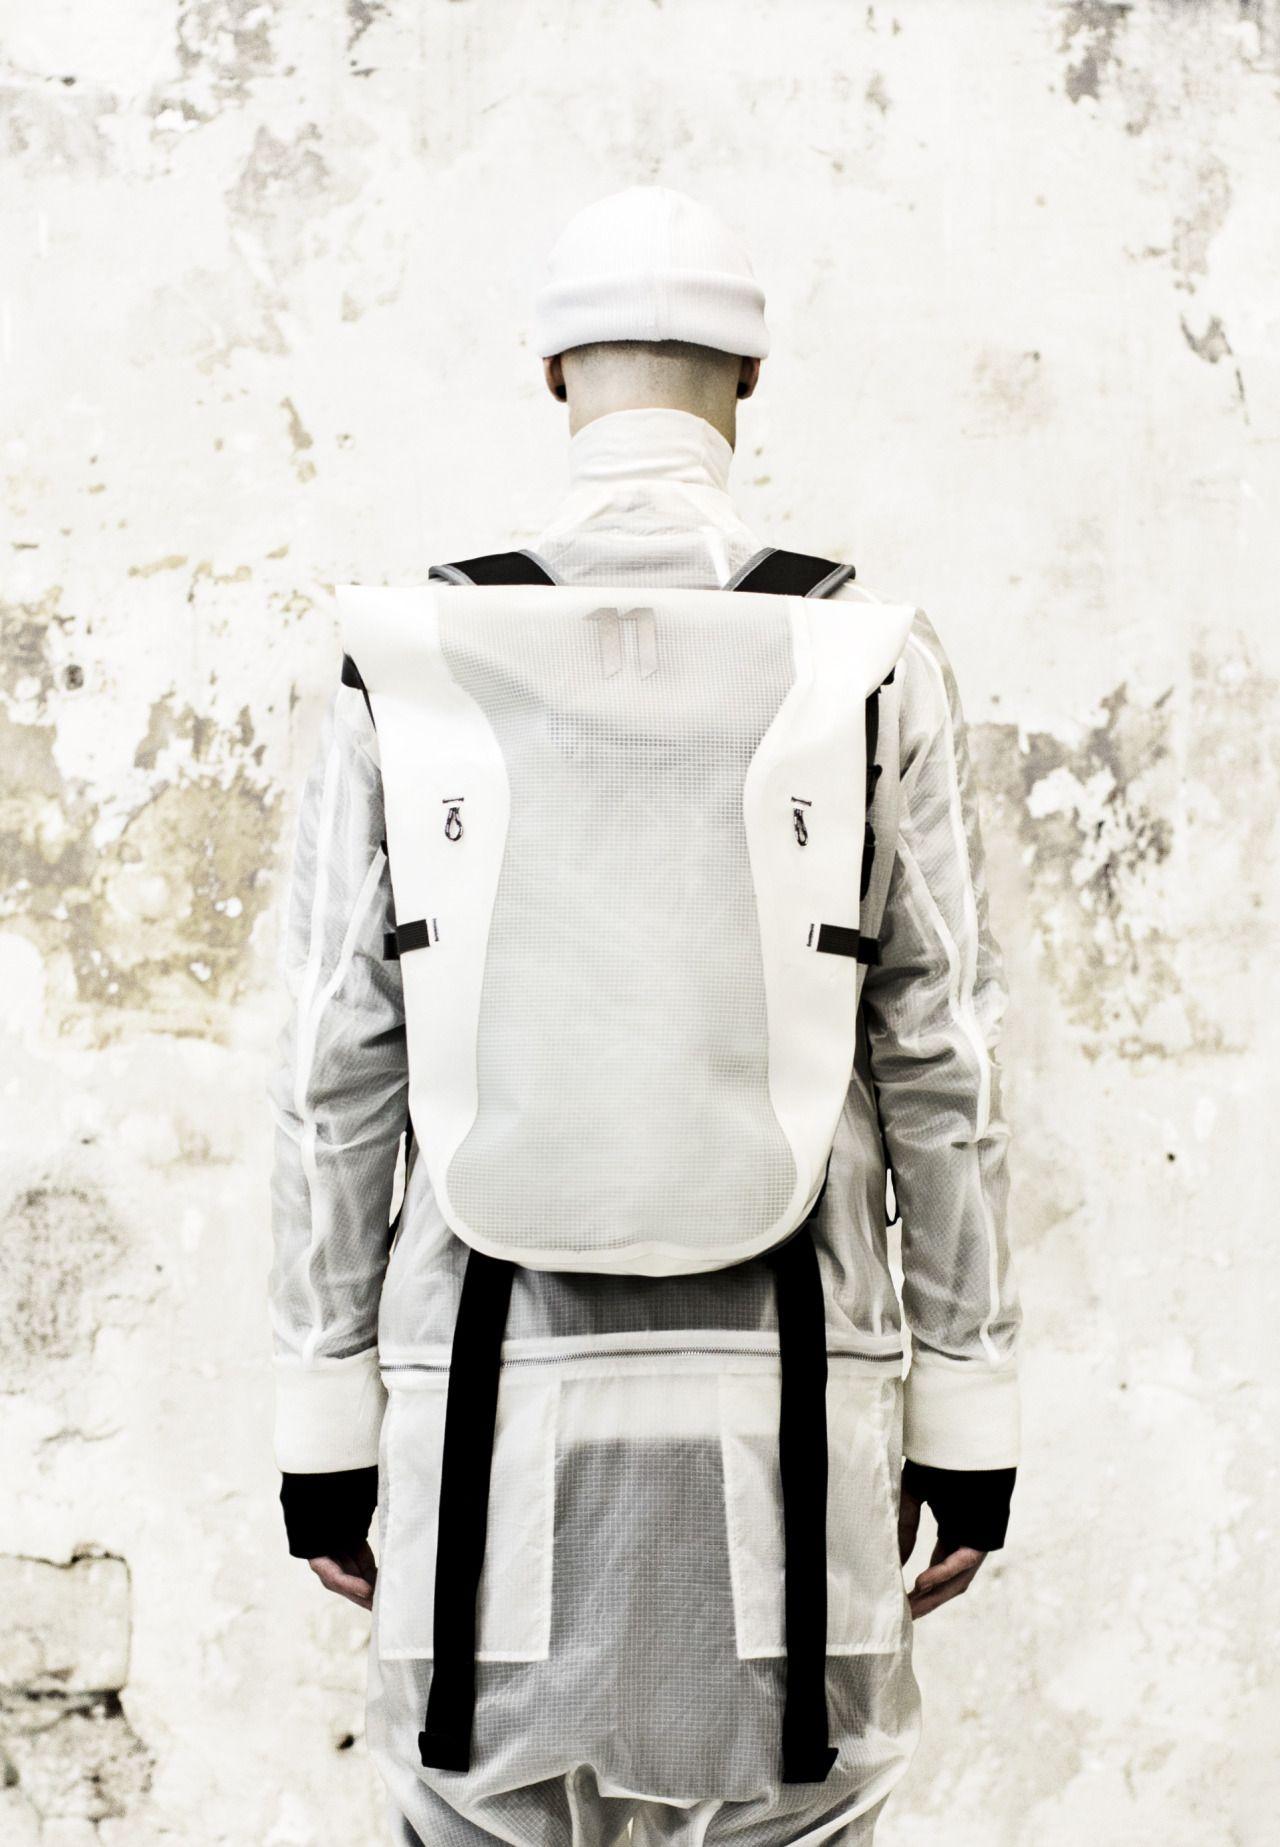 Bags    Follow @filetlondon for more street wear #filetlondon